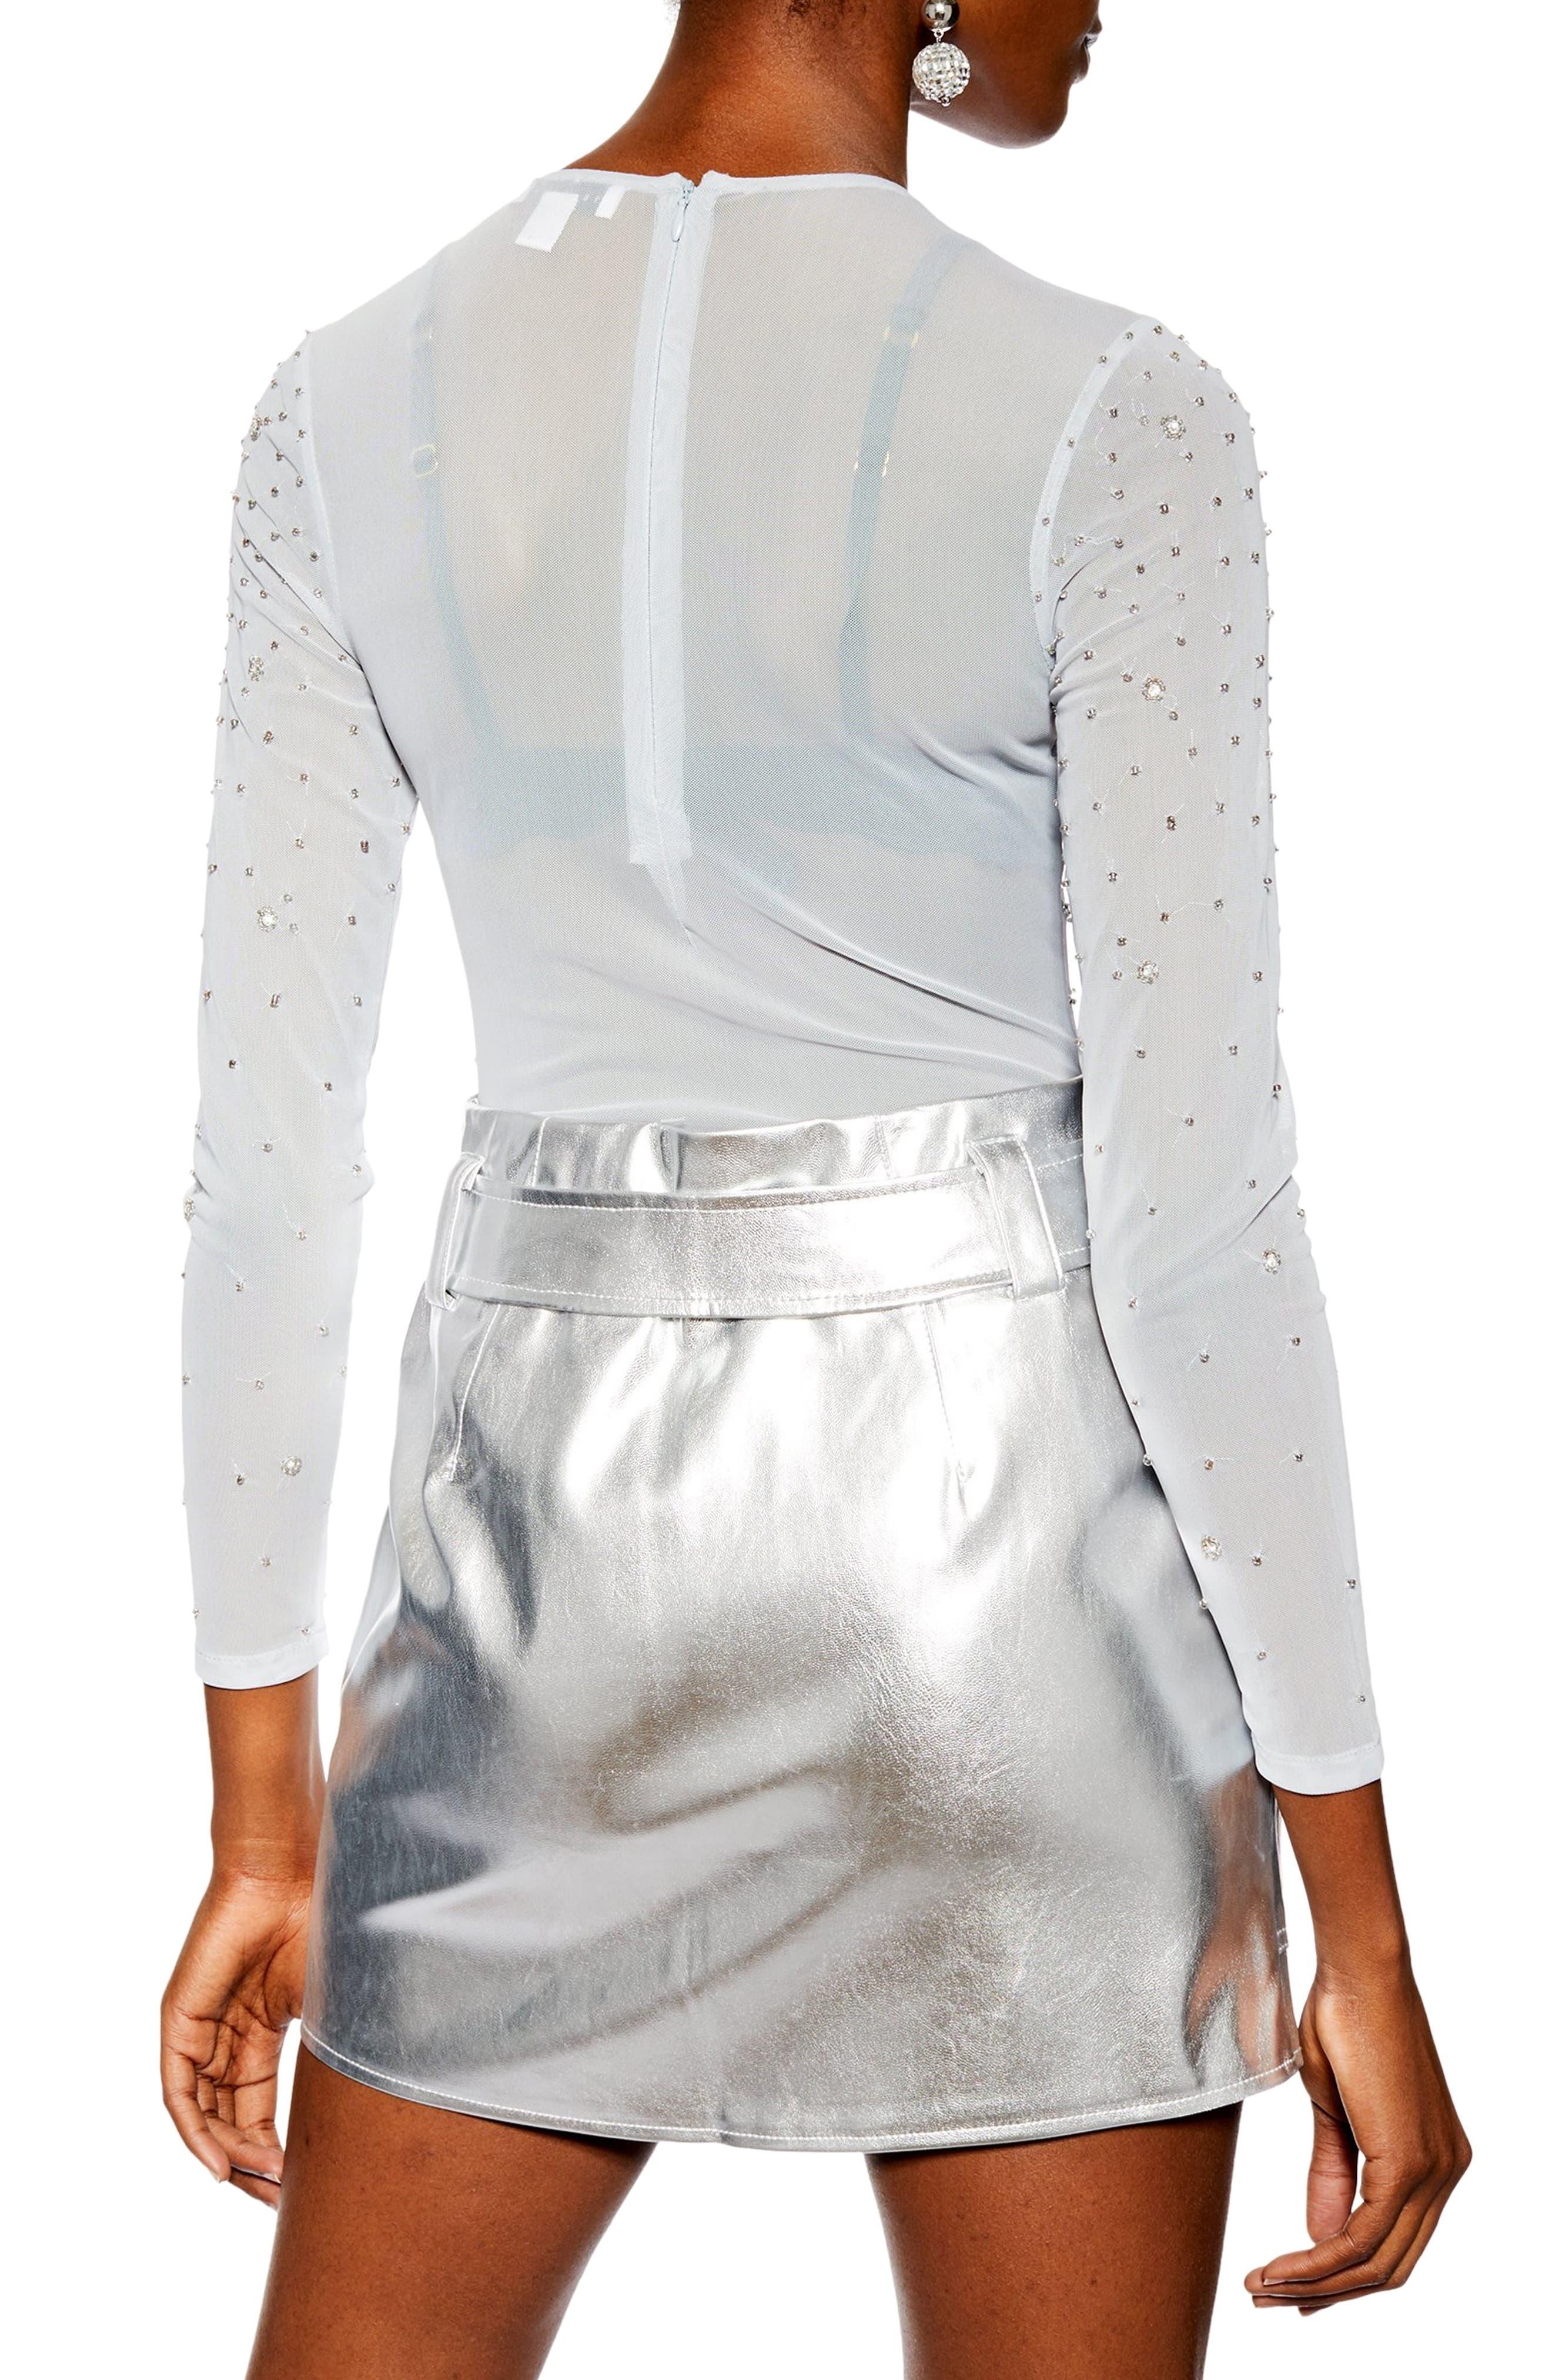 TOPSHOP, Embellished Floral Bodysuit, Alternate thumbnail 3, color, 100